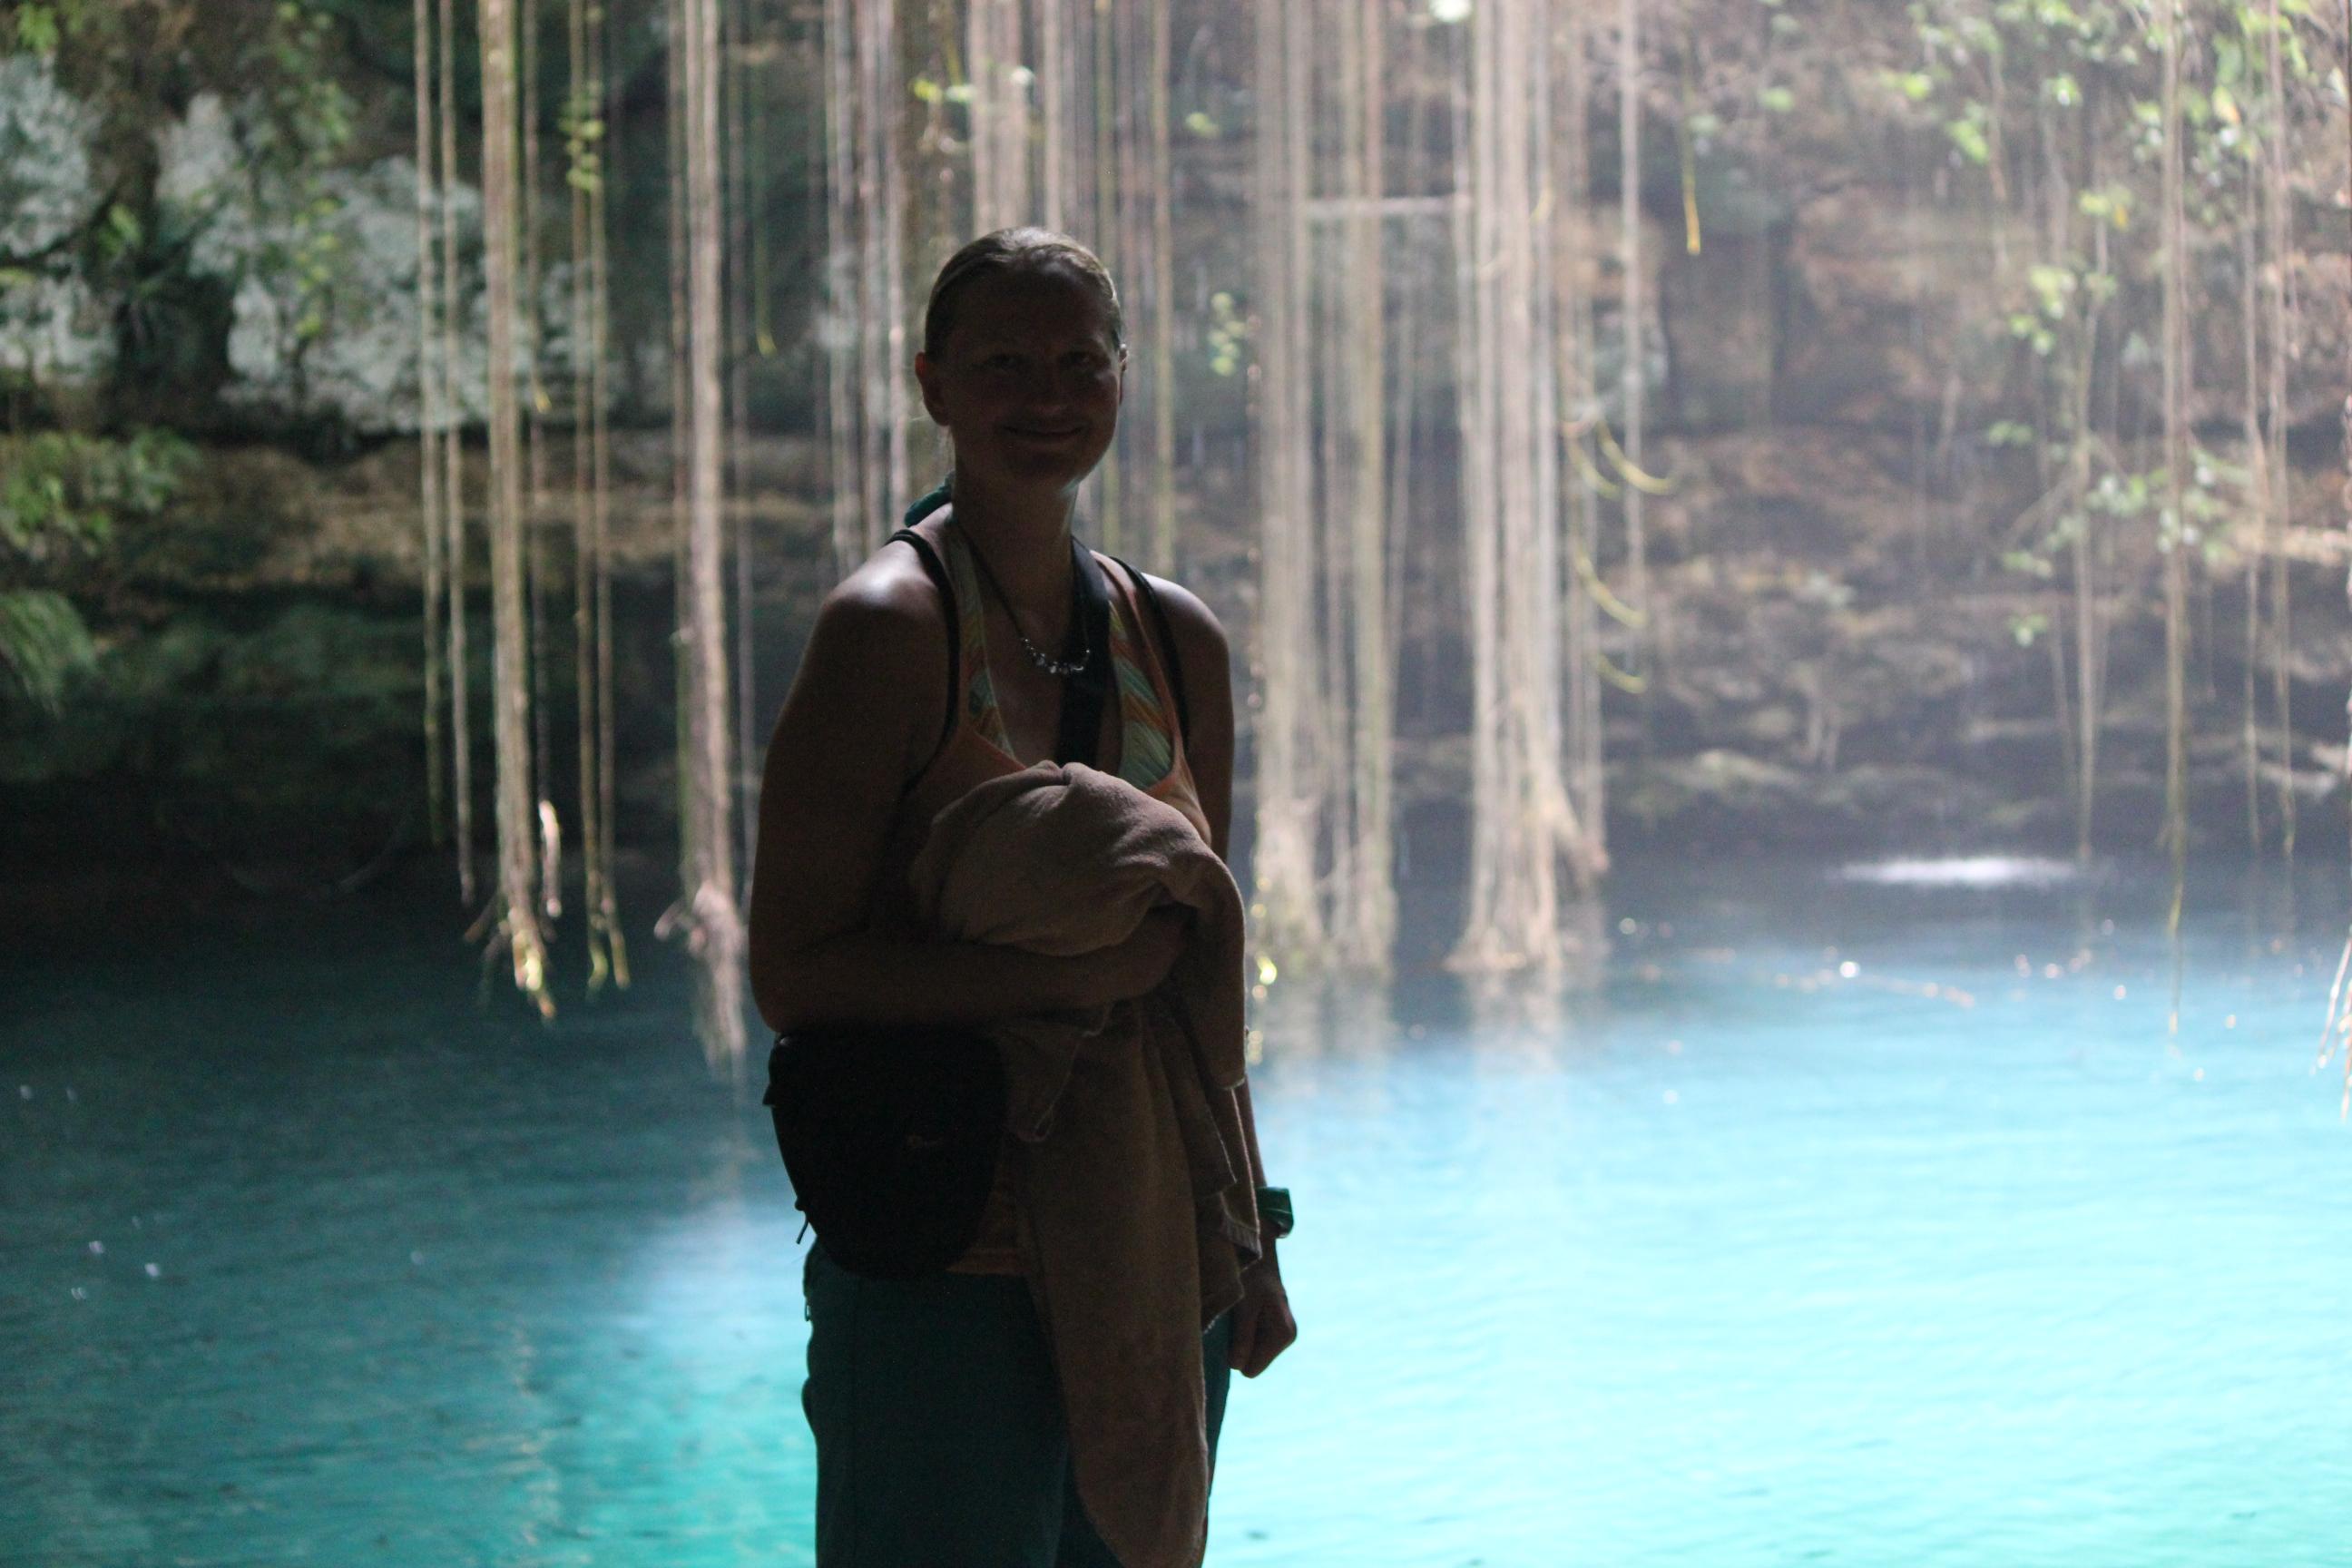 Caving; Cenote IK KIL, Mexico; 2011